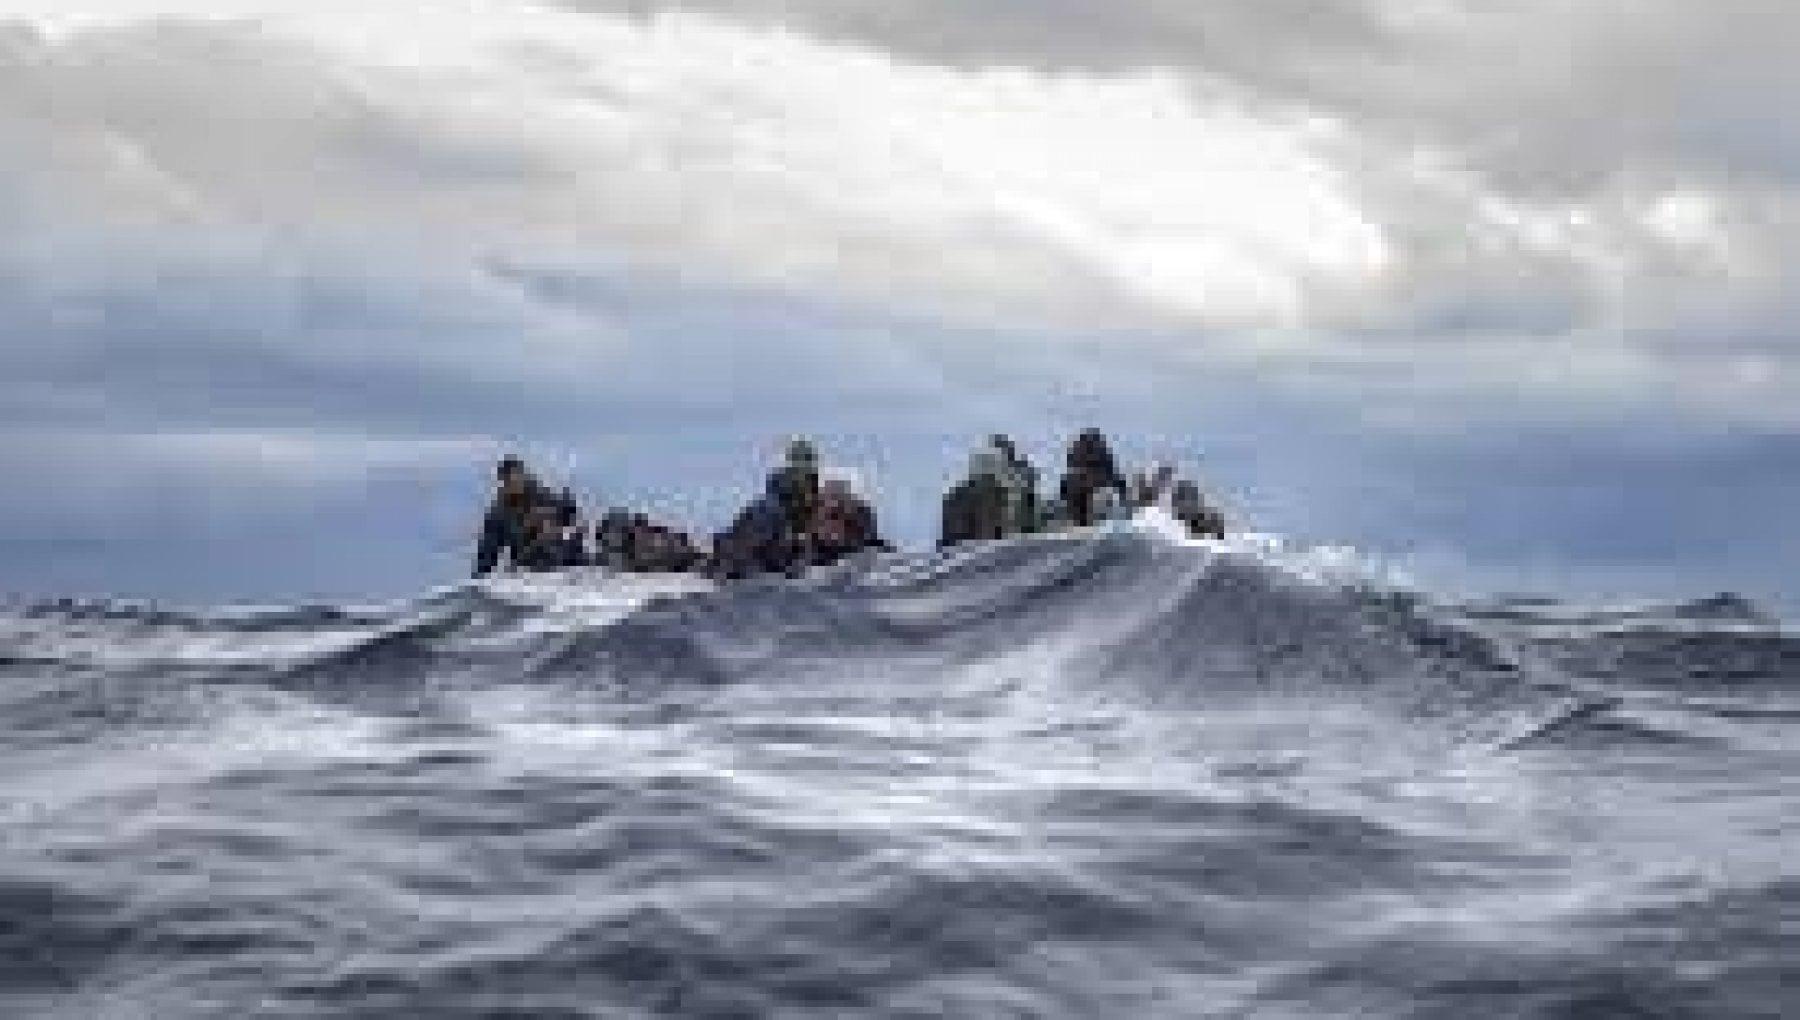 Migranti vicino alla costa libica 145 persone in balia della onde. Nessuno li soccorre